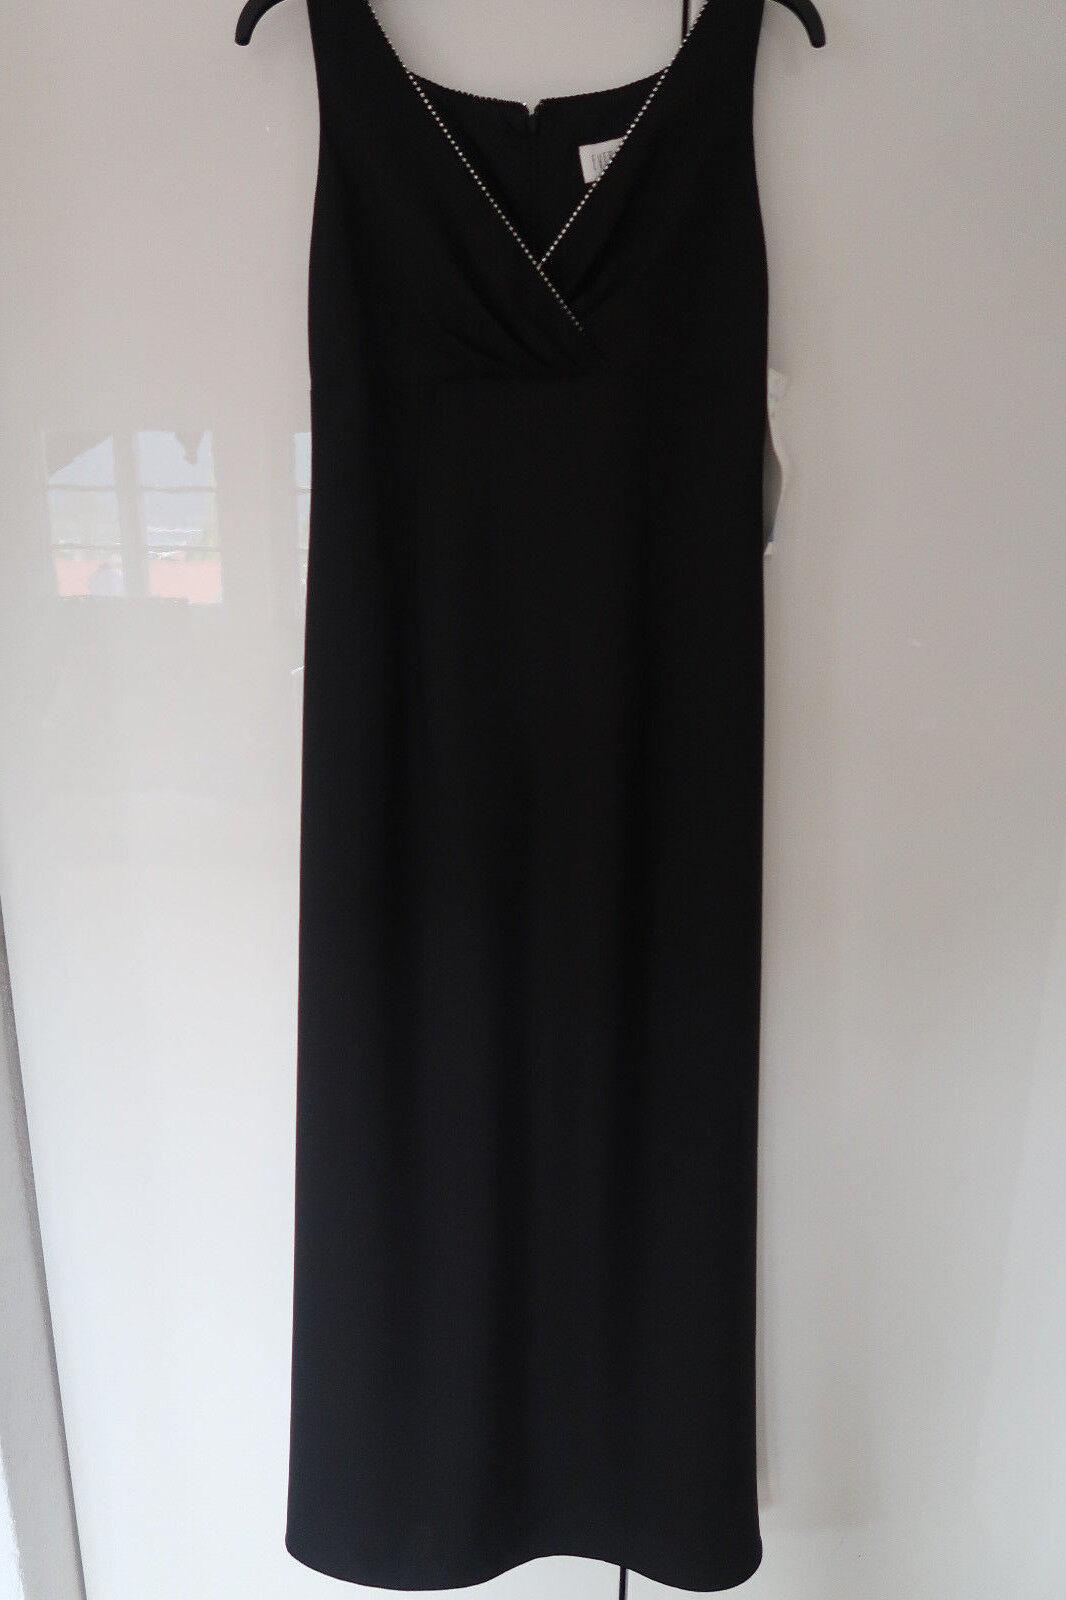 EVER BEAUTY Abendkleid Kleid Gr. 36 - 38, schwarz, Glitzersteine, NP€ 200, NEU